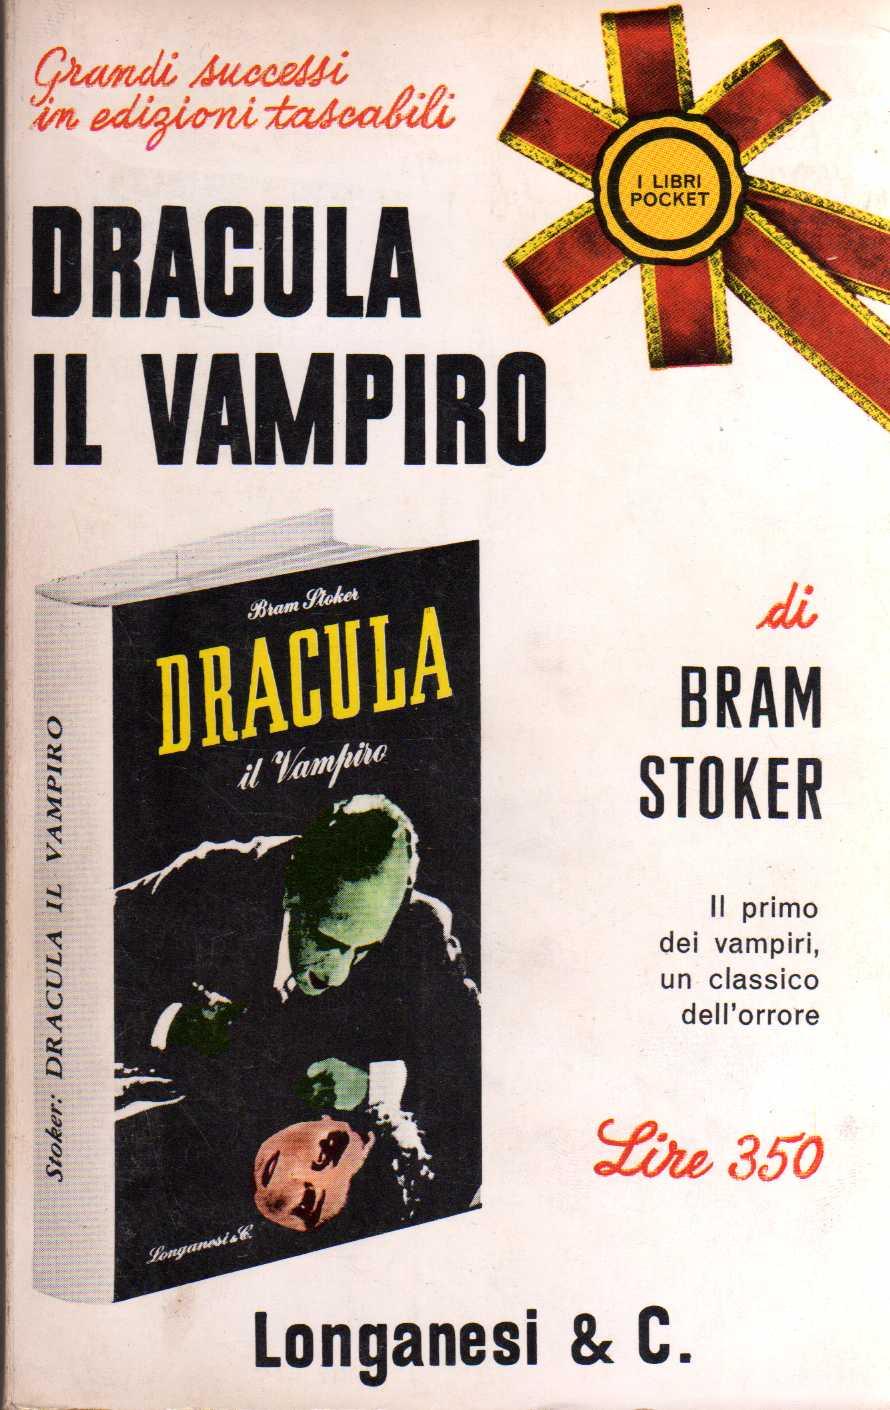 Dracula il vampiro